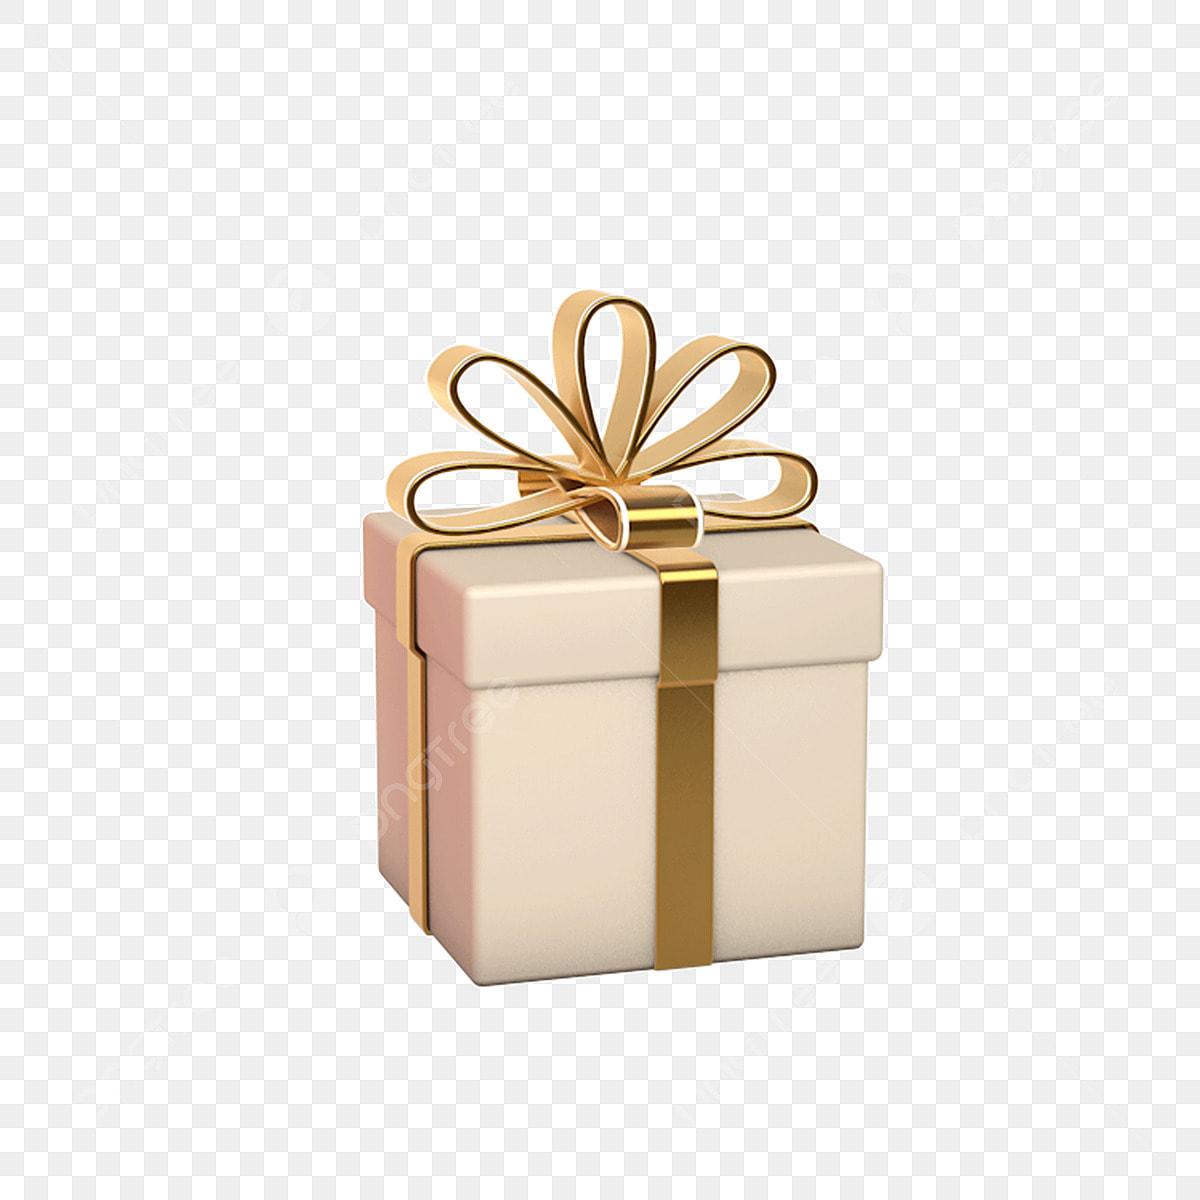 عيد الحب الصيني عناصر هدية مربع ذهبي صندوق الهدايا ذهب مهرجان Png صورة للتحميل مجانا